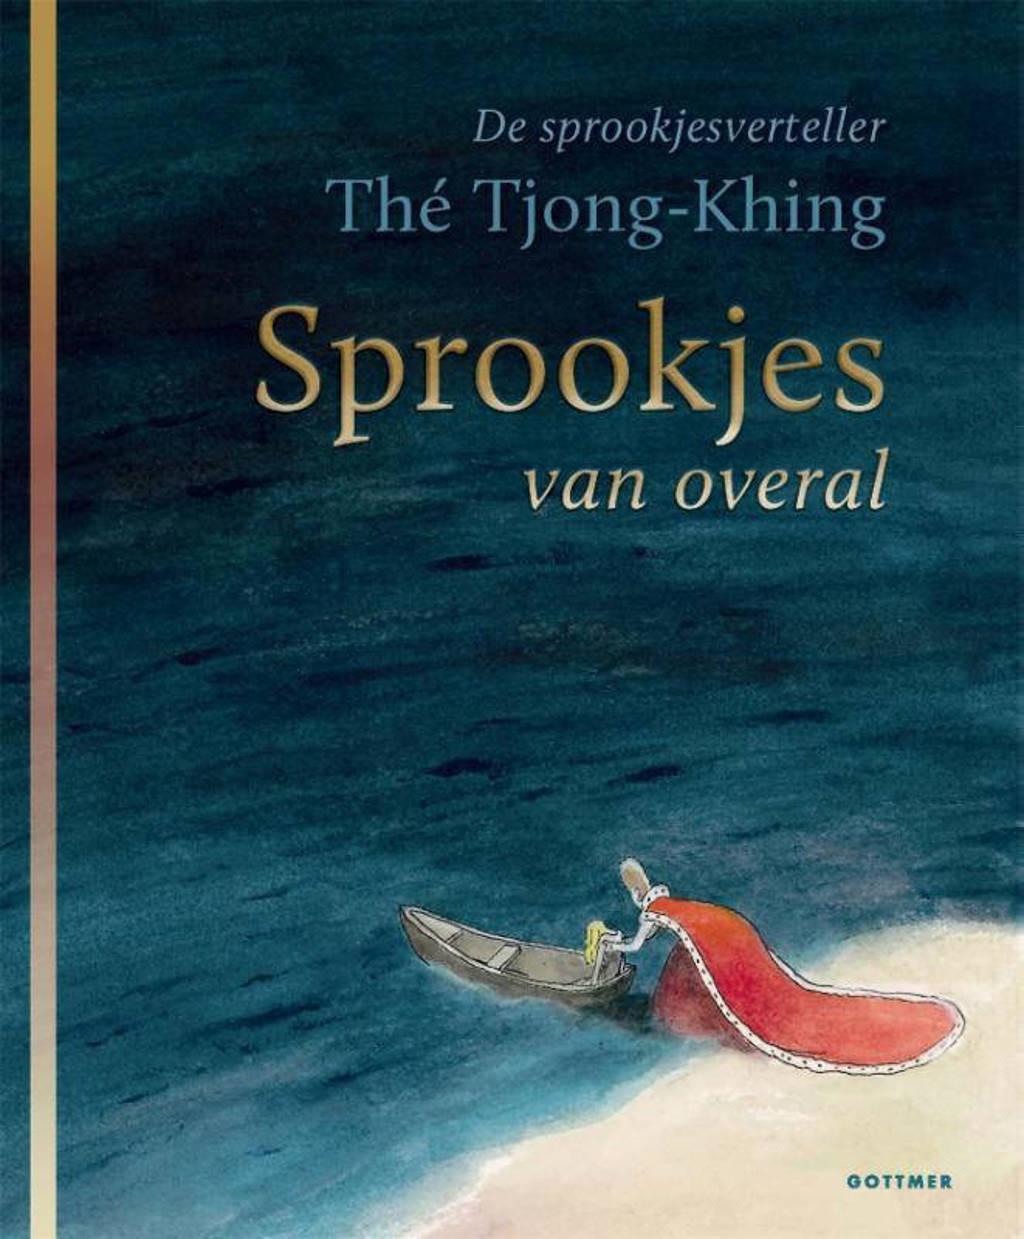 De sprookjesverteller: Sprookjes van overal - Khing The